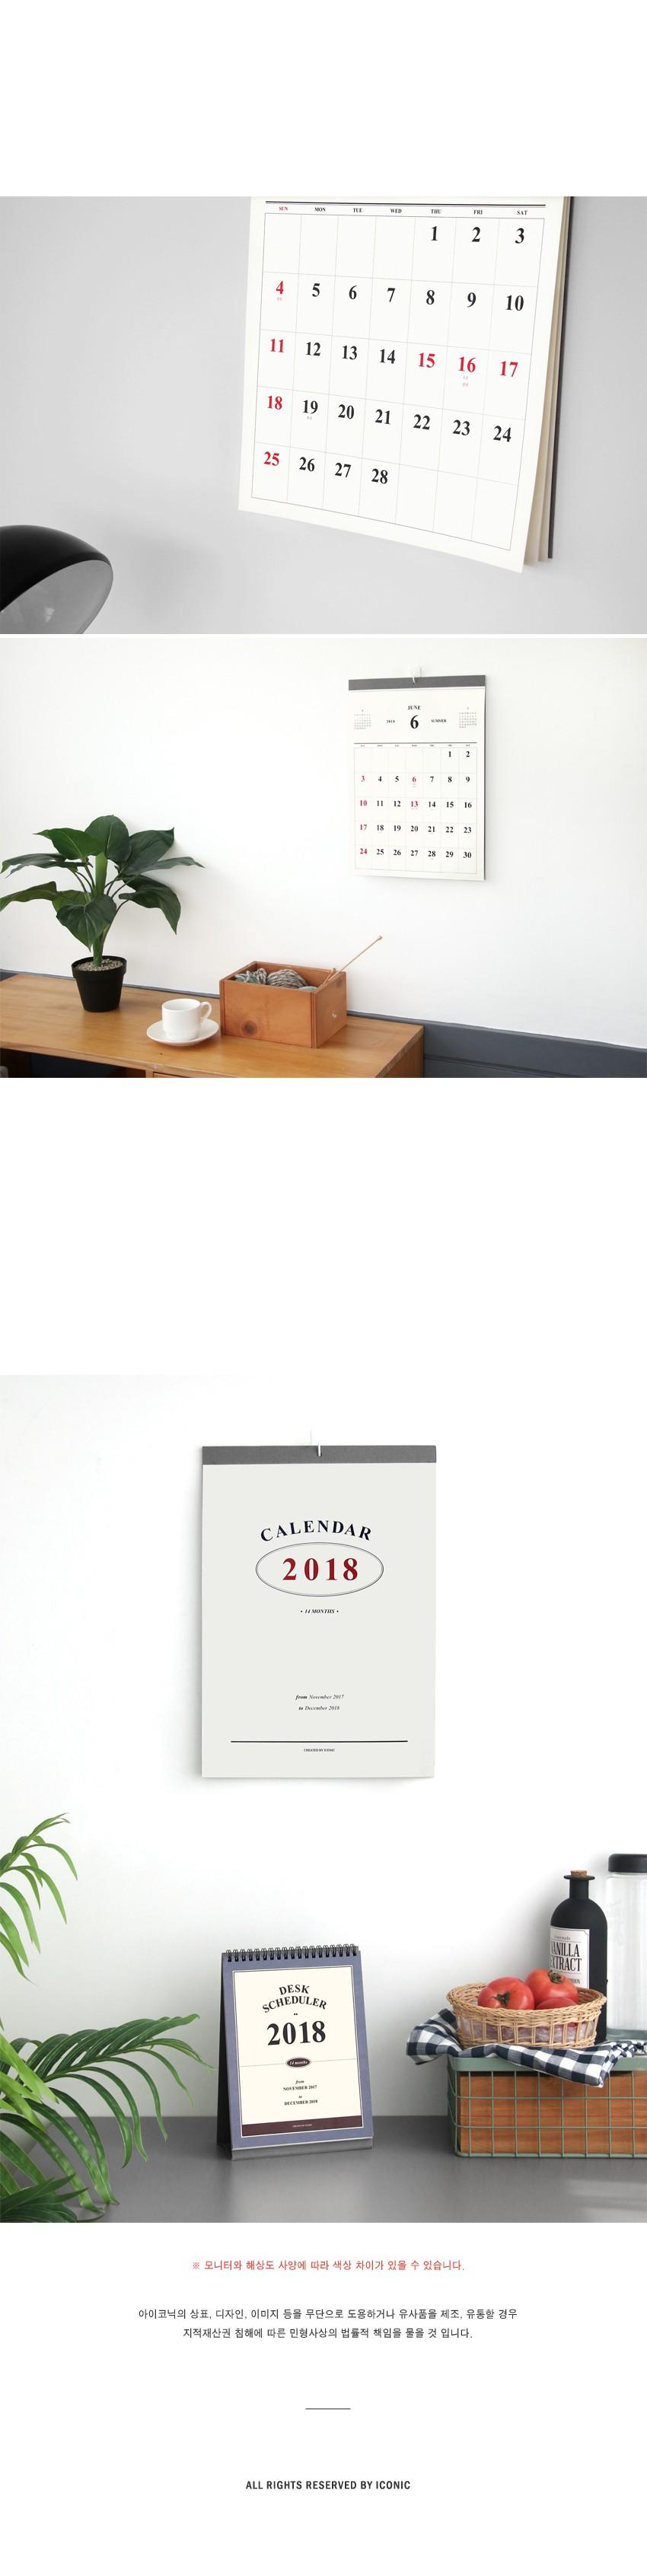 아이코닉 2018 월 캘린더9,800원-아이코닉디자인문구, 다이어리/캘린더, 캘린더, 벽걸이캘린더날짜형바보사랑아이코닉 2018 월 캘린더9,800원-아이코닉디자인문구, 다이어리/캘린더, 캘린더, 벽걸이캘린더날짜형바보사랑